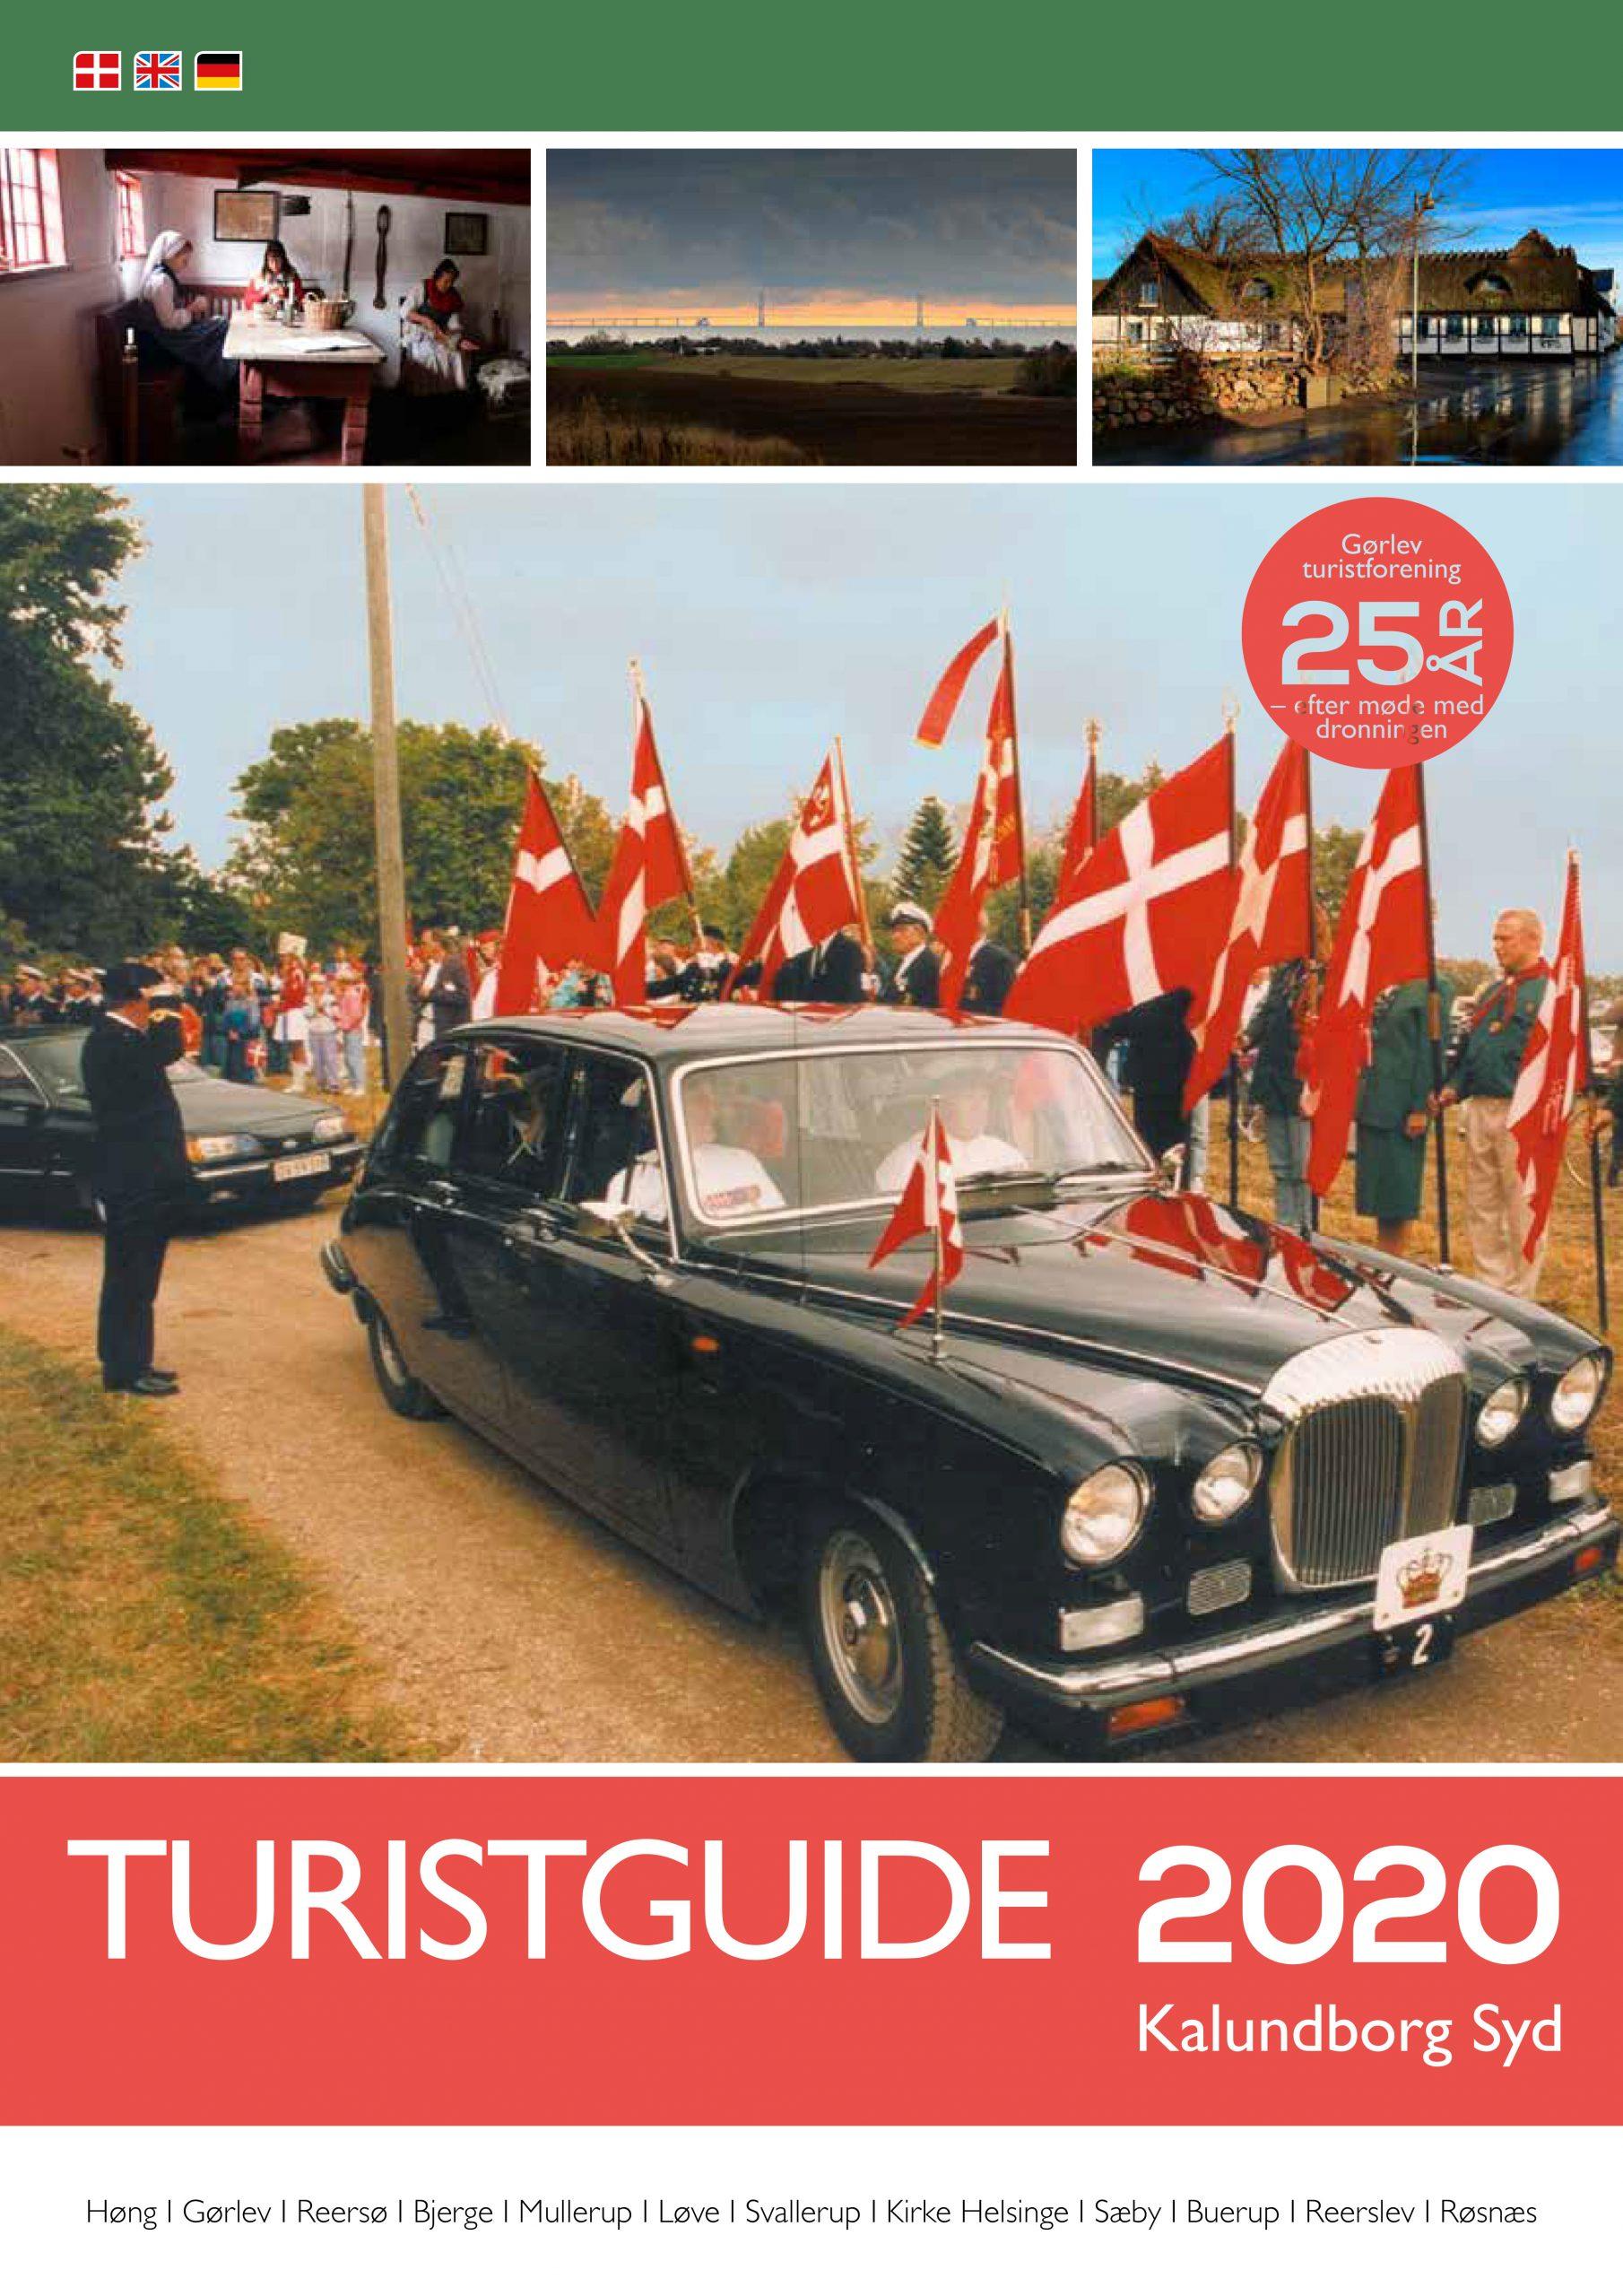 Gørlev Turistguide 2020 _WEB-1 Forside til webside